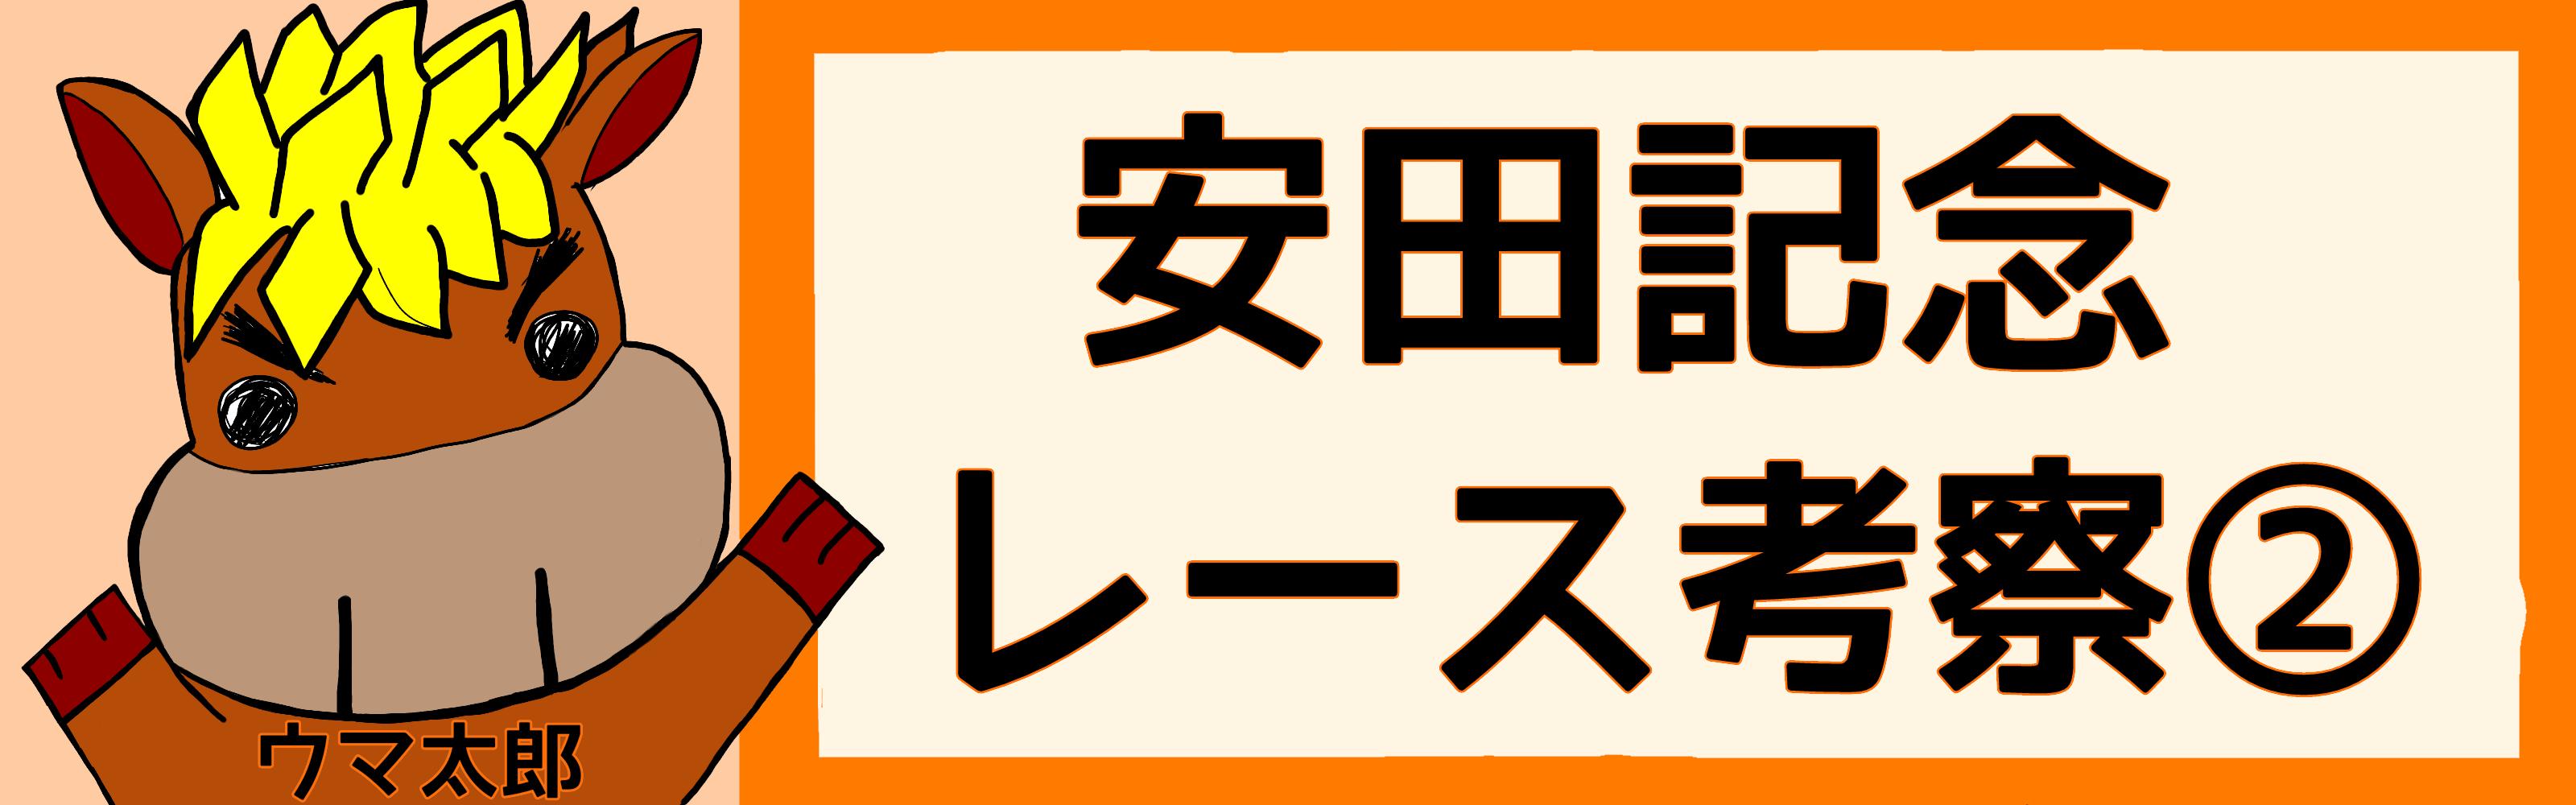 安田記念考察②